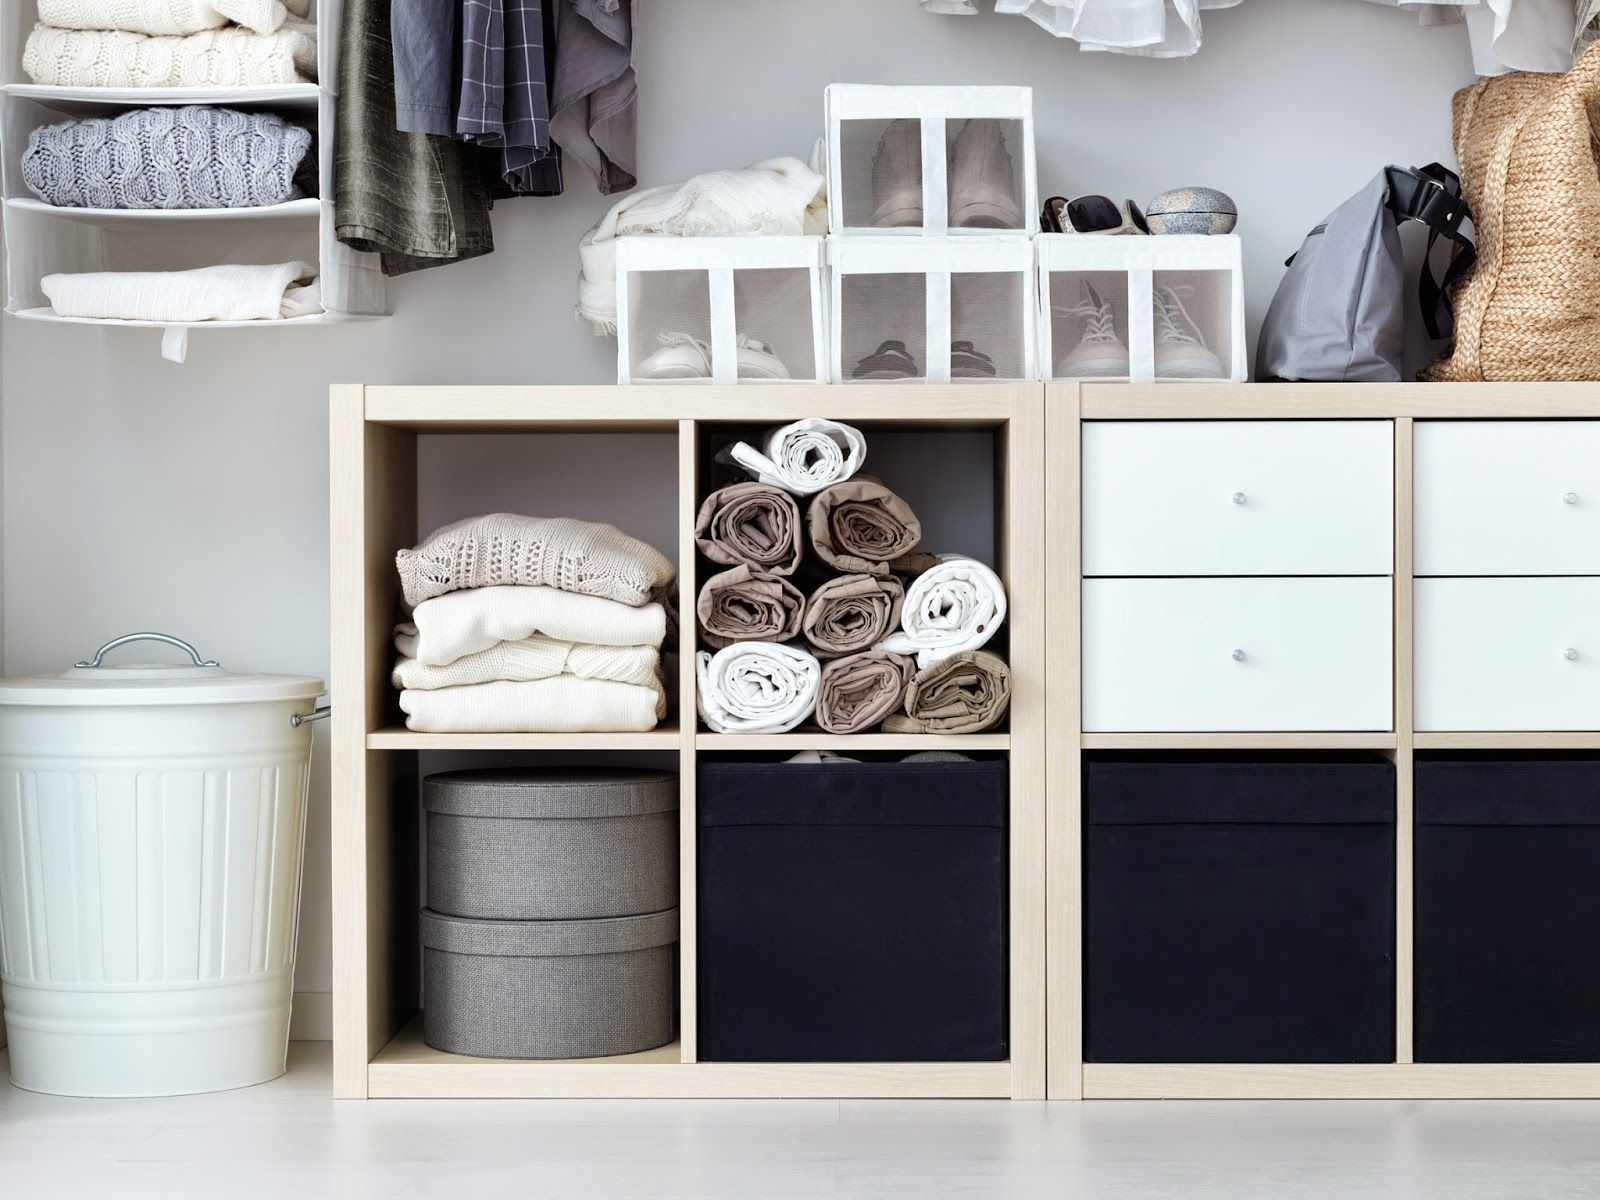 wandregale und organisation zu hause in neuer dimension vorgestellt. Black Bedroom Furniture Sets. Home Design Ideas